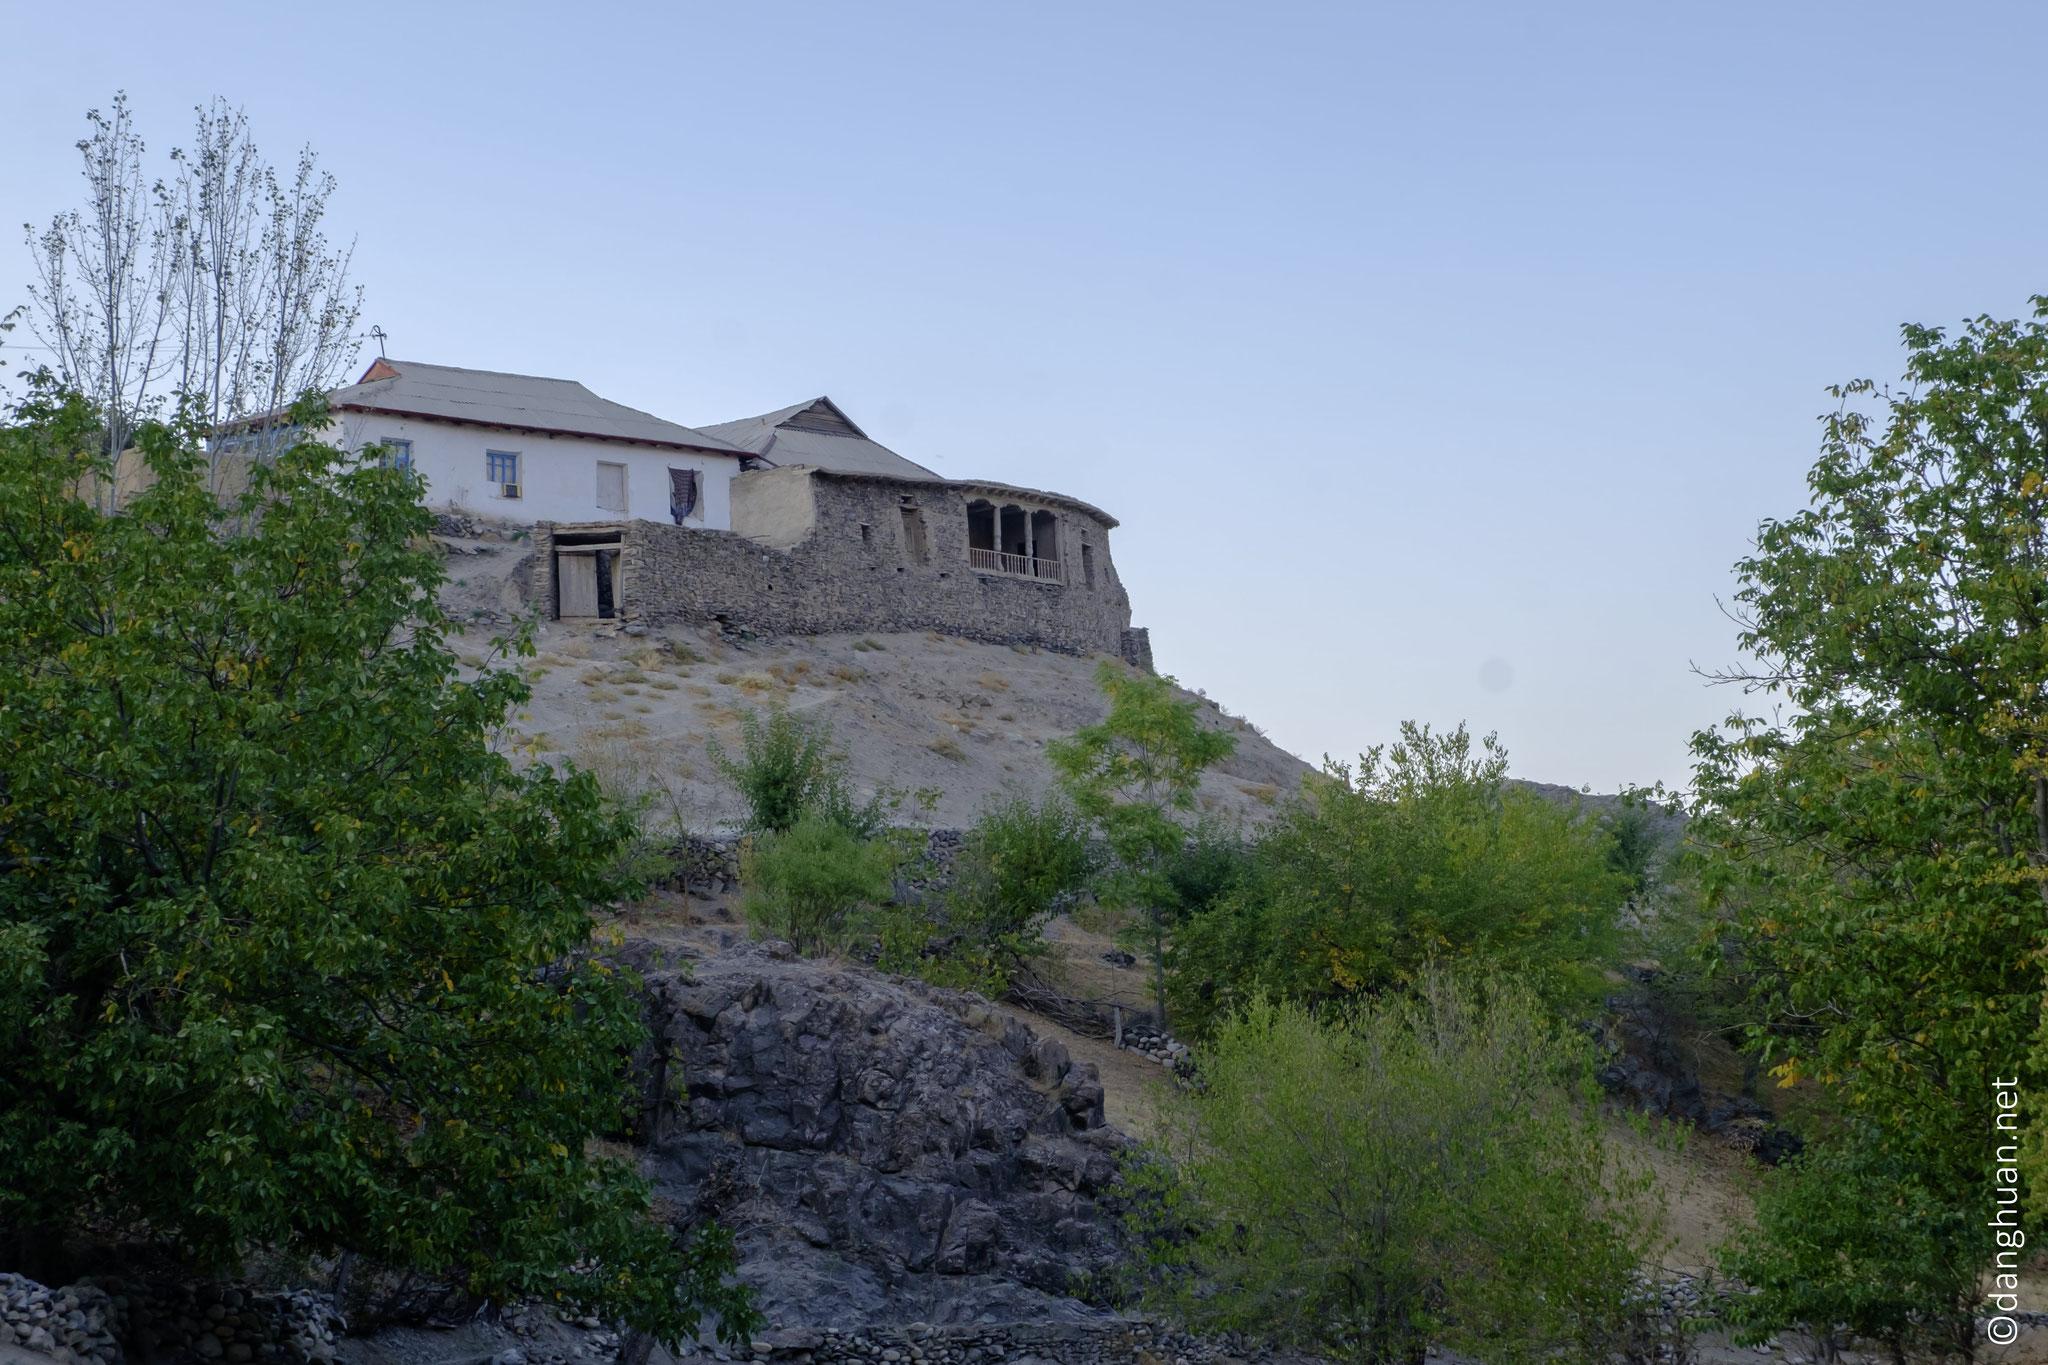 maison typique de l'Asie centrale depuis le 3ème siècle avant notre ère